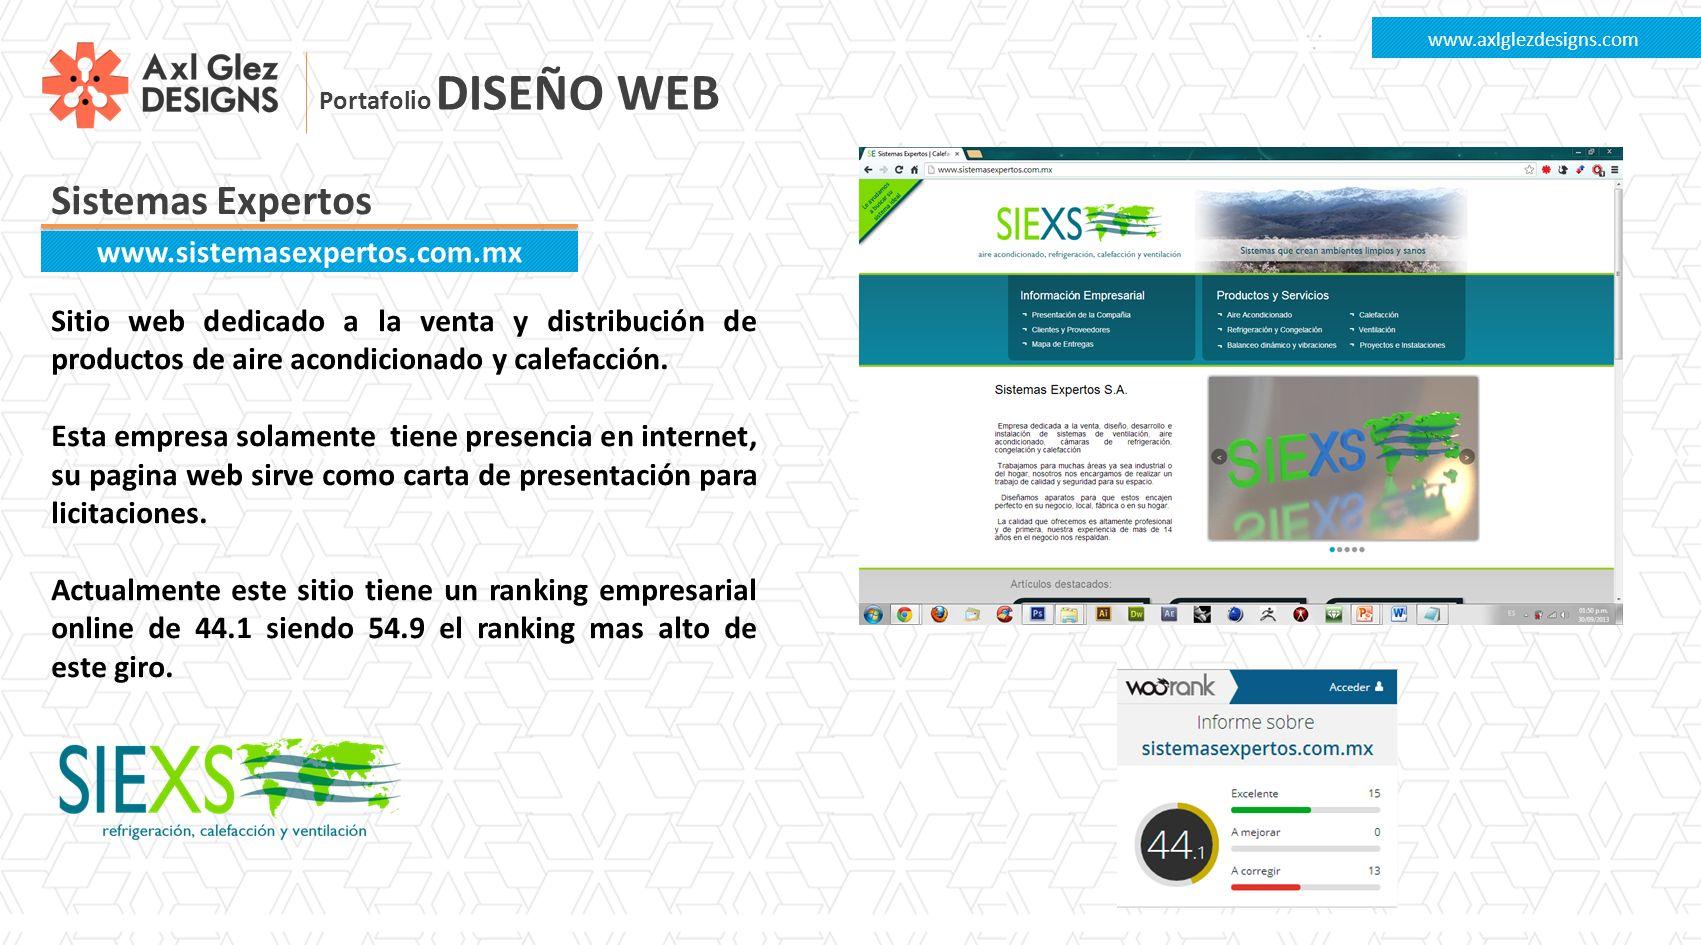 Sistemas Expertos www.axlglezdesigns.com www.sistemasexpertos.com.mx Sitio web dedicado a la venta y distribución de productos de aire acondicionado y